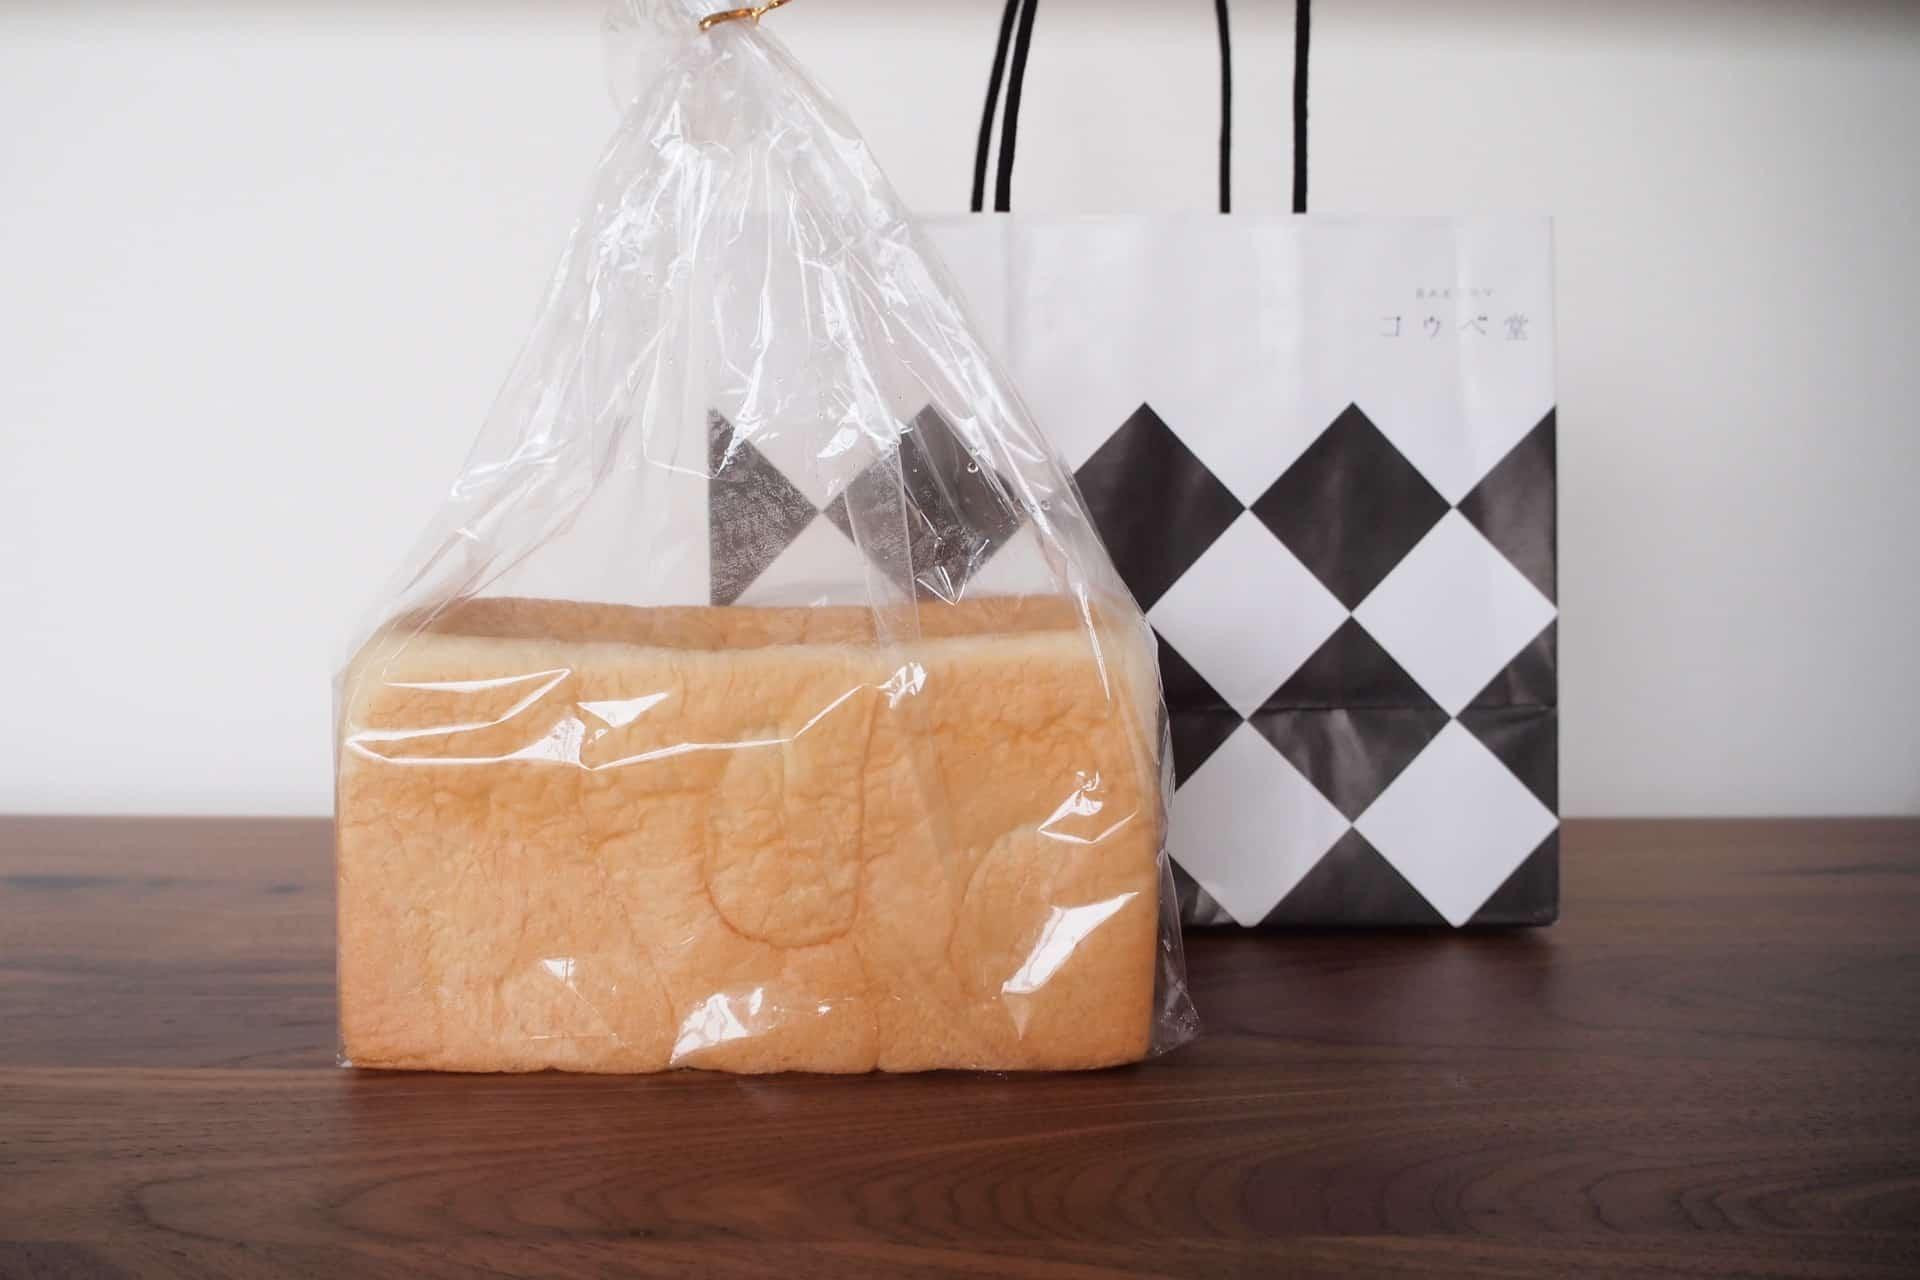 コウベ堂 − 住吉の食パン専門店。パリッと香ばしい「山」・究極の柔らかさ「角」の2種類